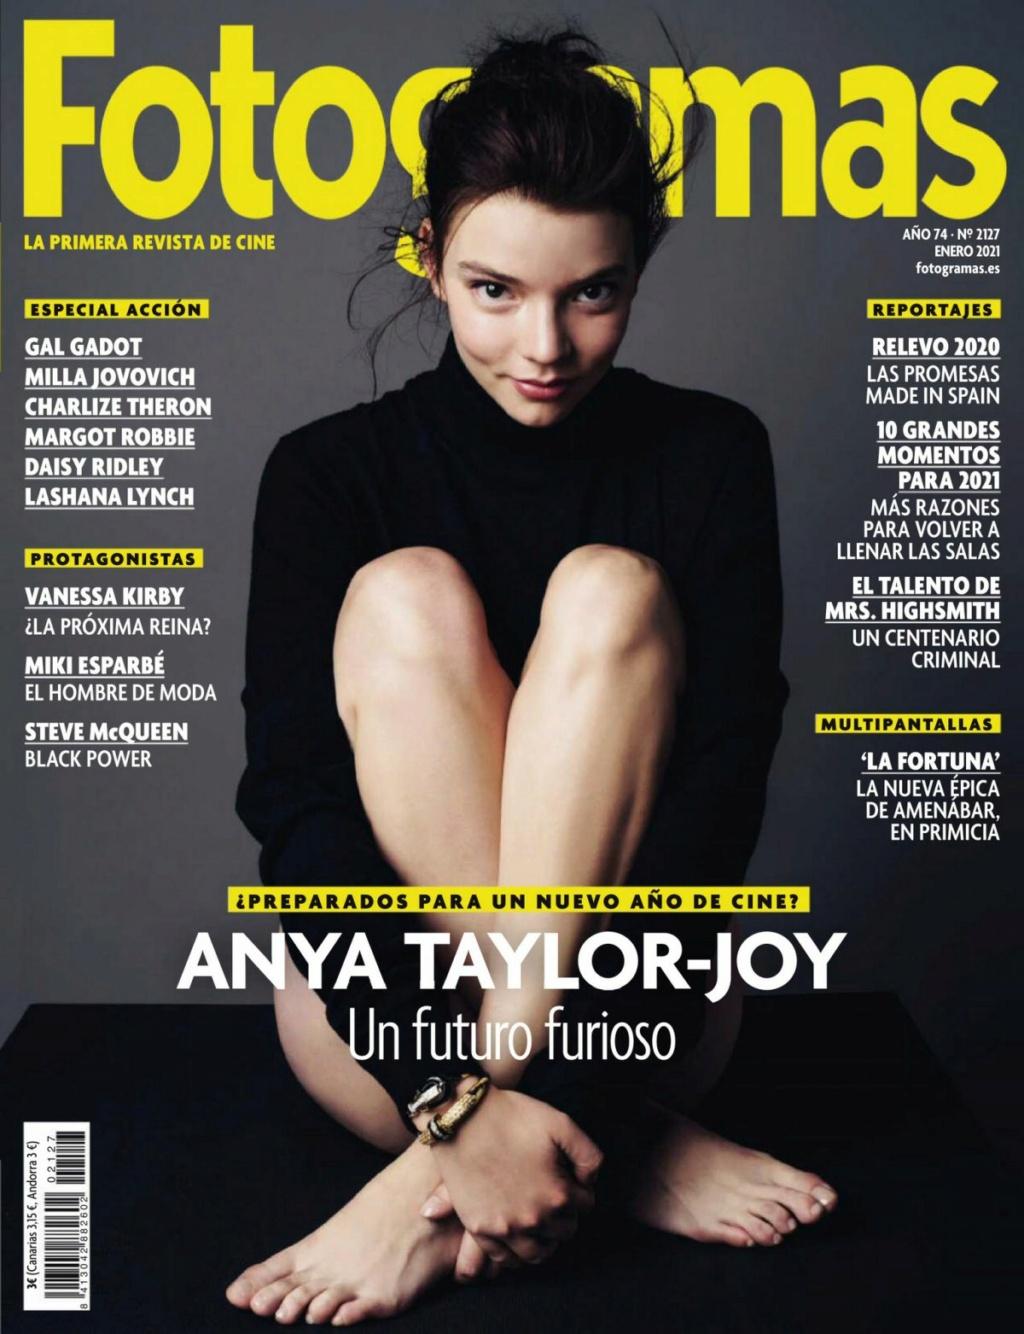 Anya Taylor-Joy, qué mina ♥ 1x83